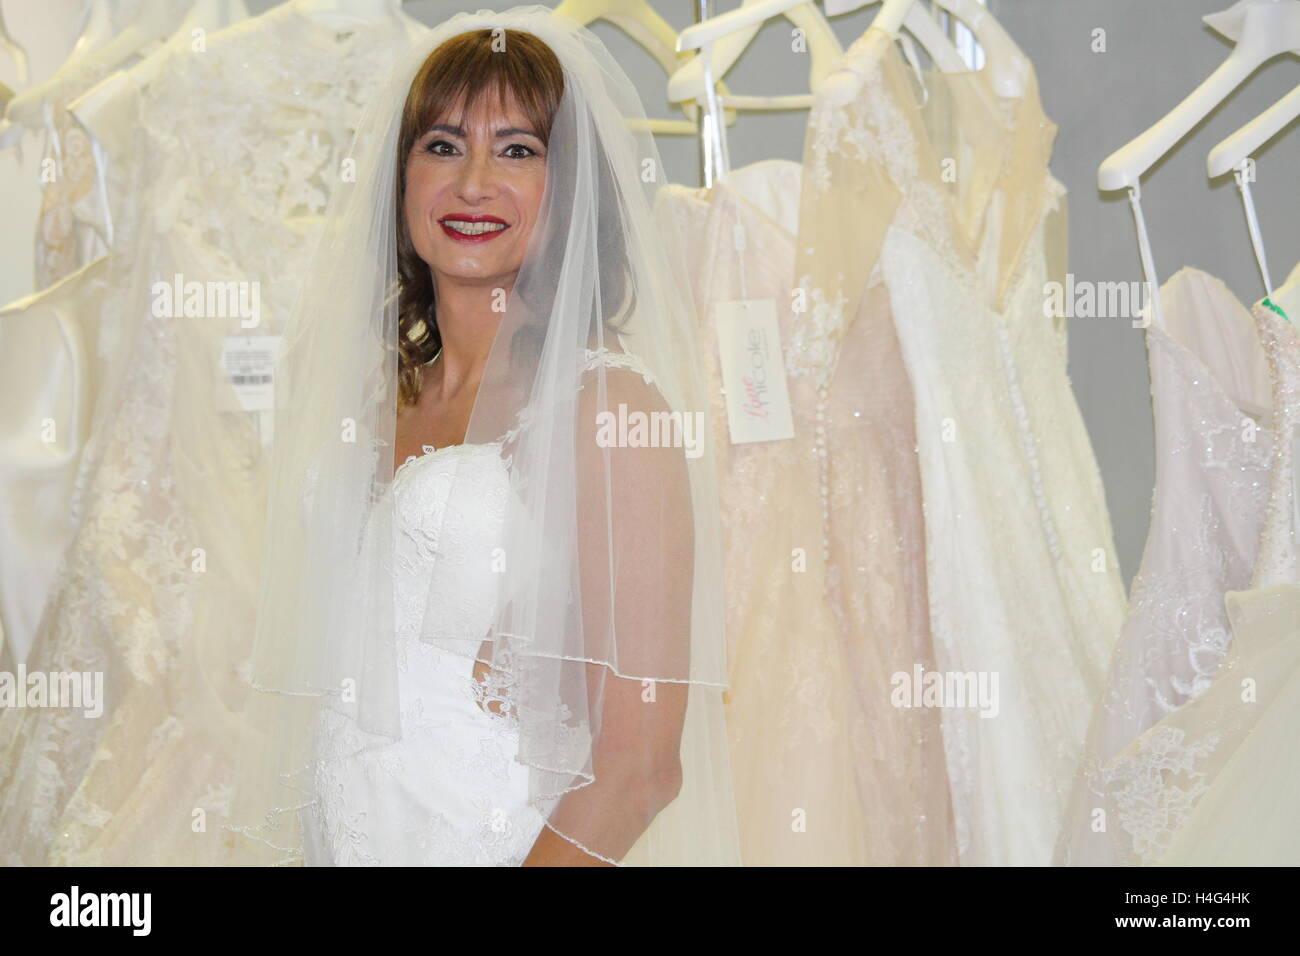 cf8bcd68bea8 Gay Bride Immagini   Gay Bride Fotos Stock - Alamy